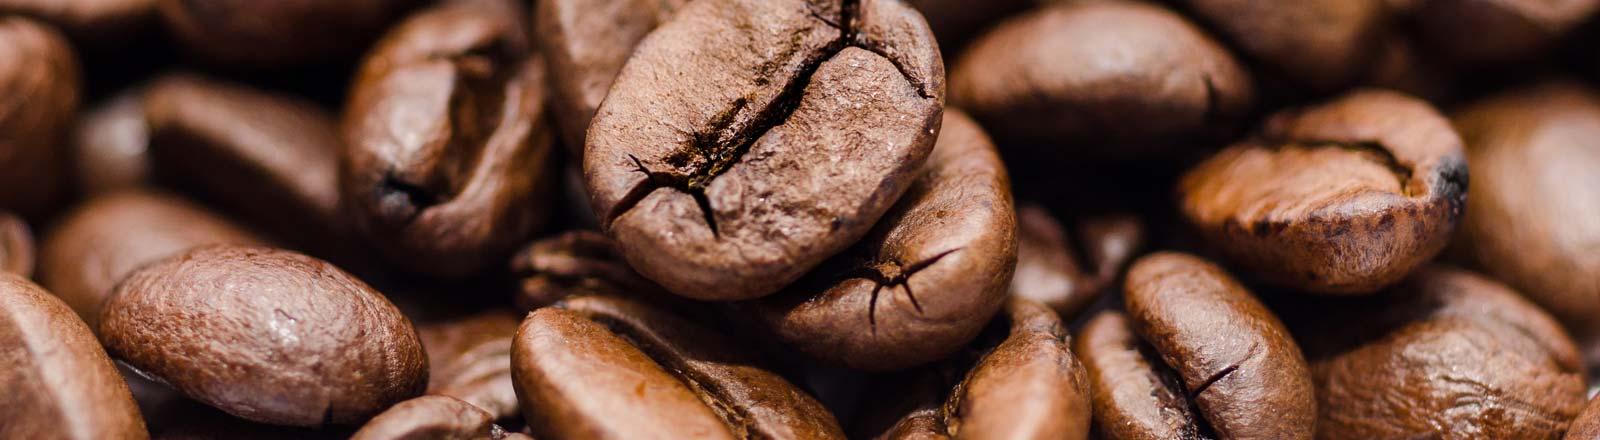 Koffie actie tankstation